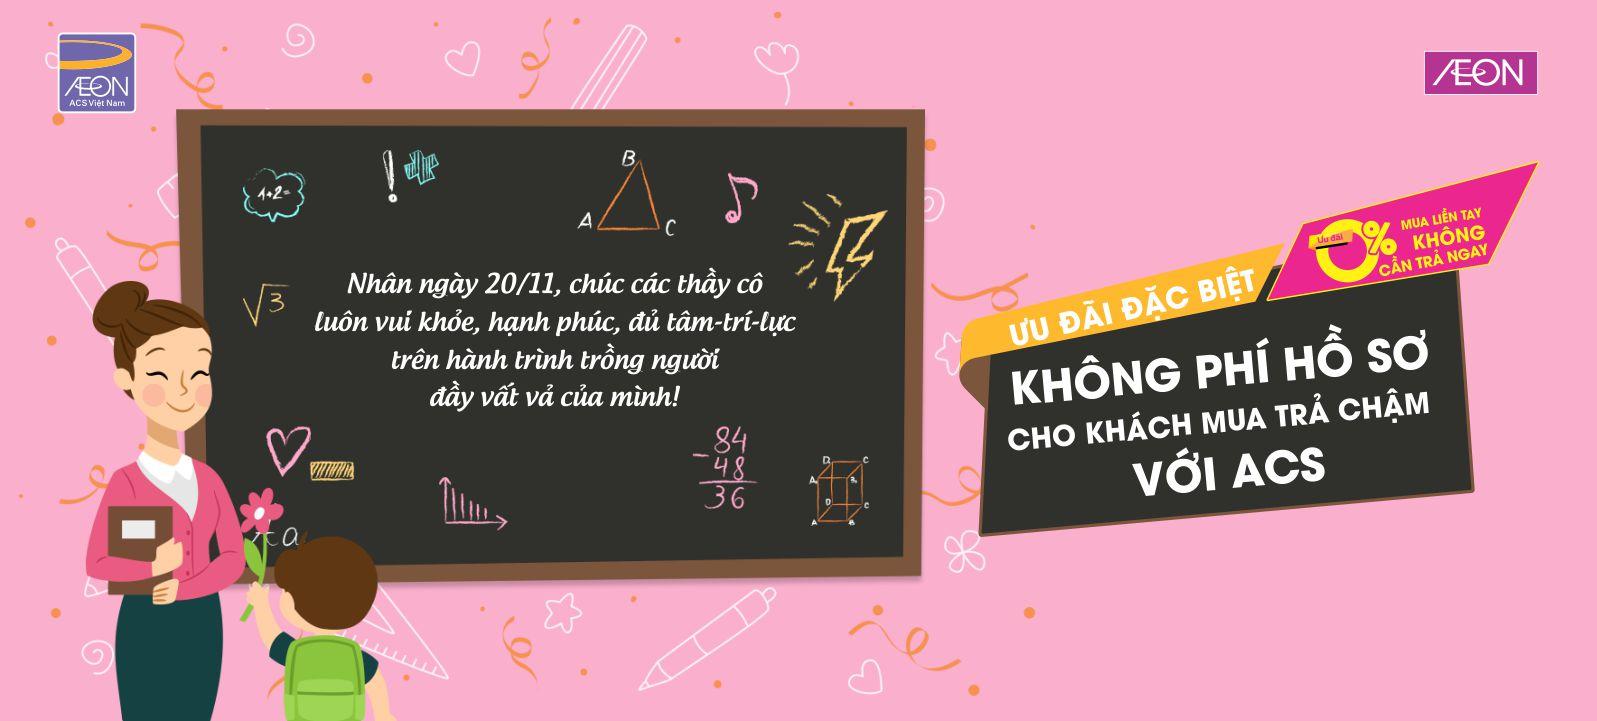 Nhân ngày 20/11, chúc các thầy cô luôn vui khỏe, hạnh phúc, đủ tâm-trí-lực trên hành trình trồng người đầy vất vả của mình!